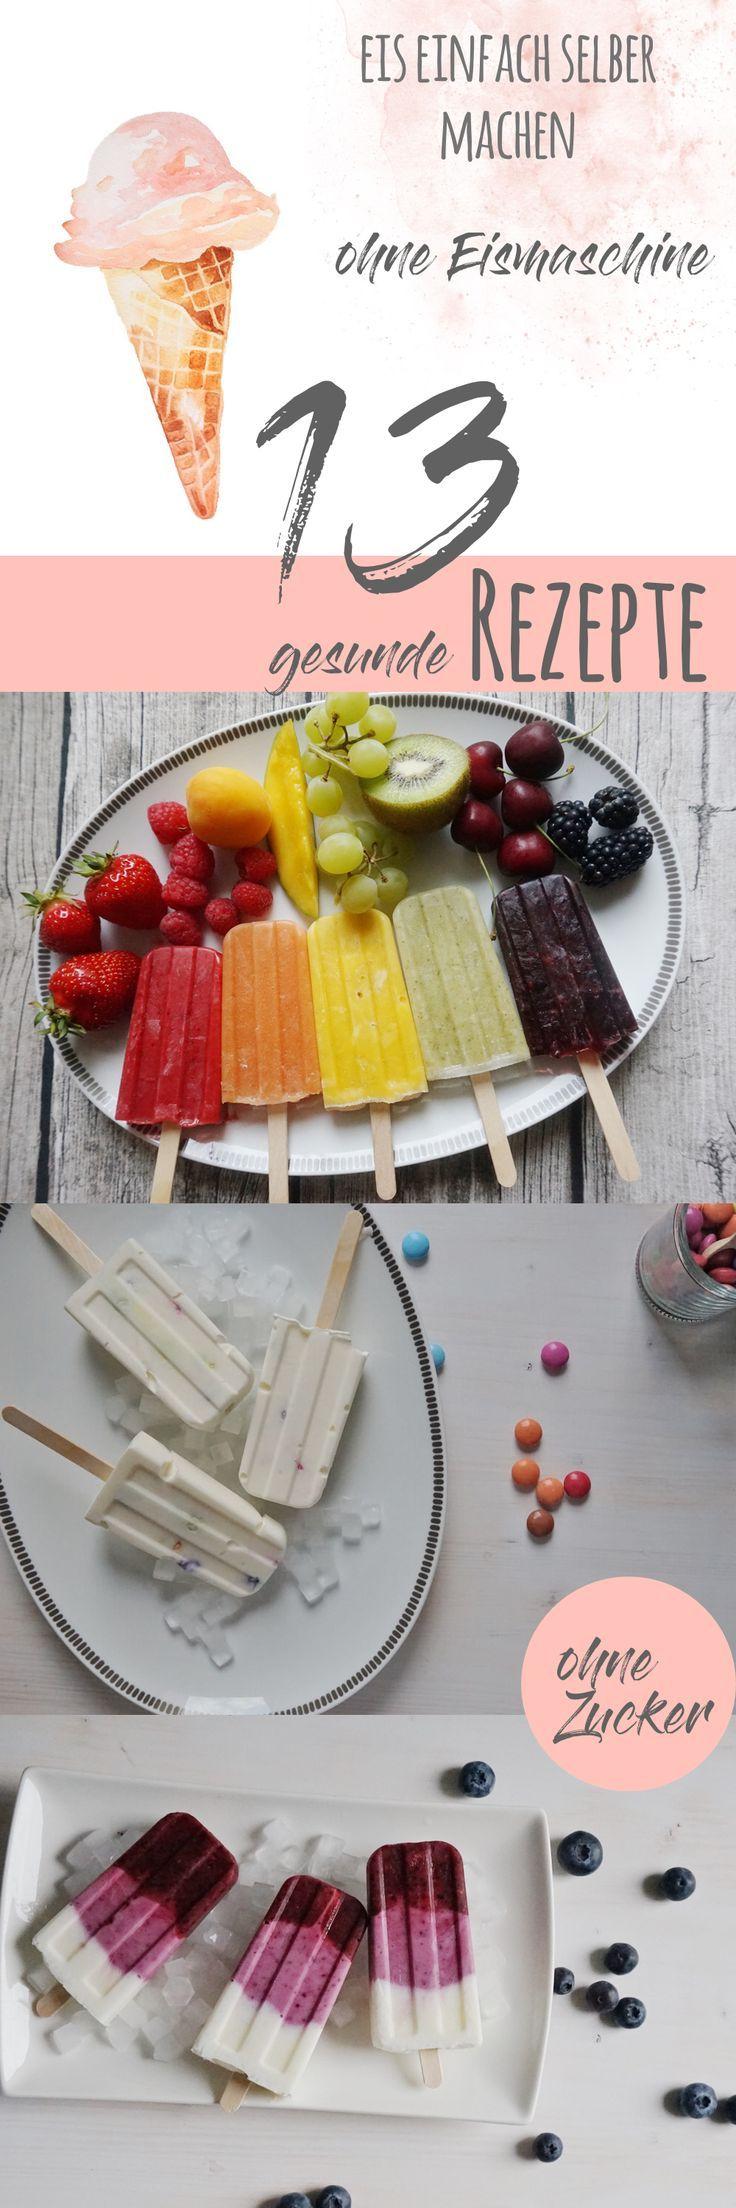 Eis einfach selber macchen. Eis easy und schnell ohne Eismaschine zubereiten. Viele vegane Sorten und zuckerfrei! Gesammelt in einem kostenlosen E-Book!